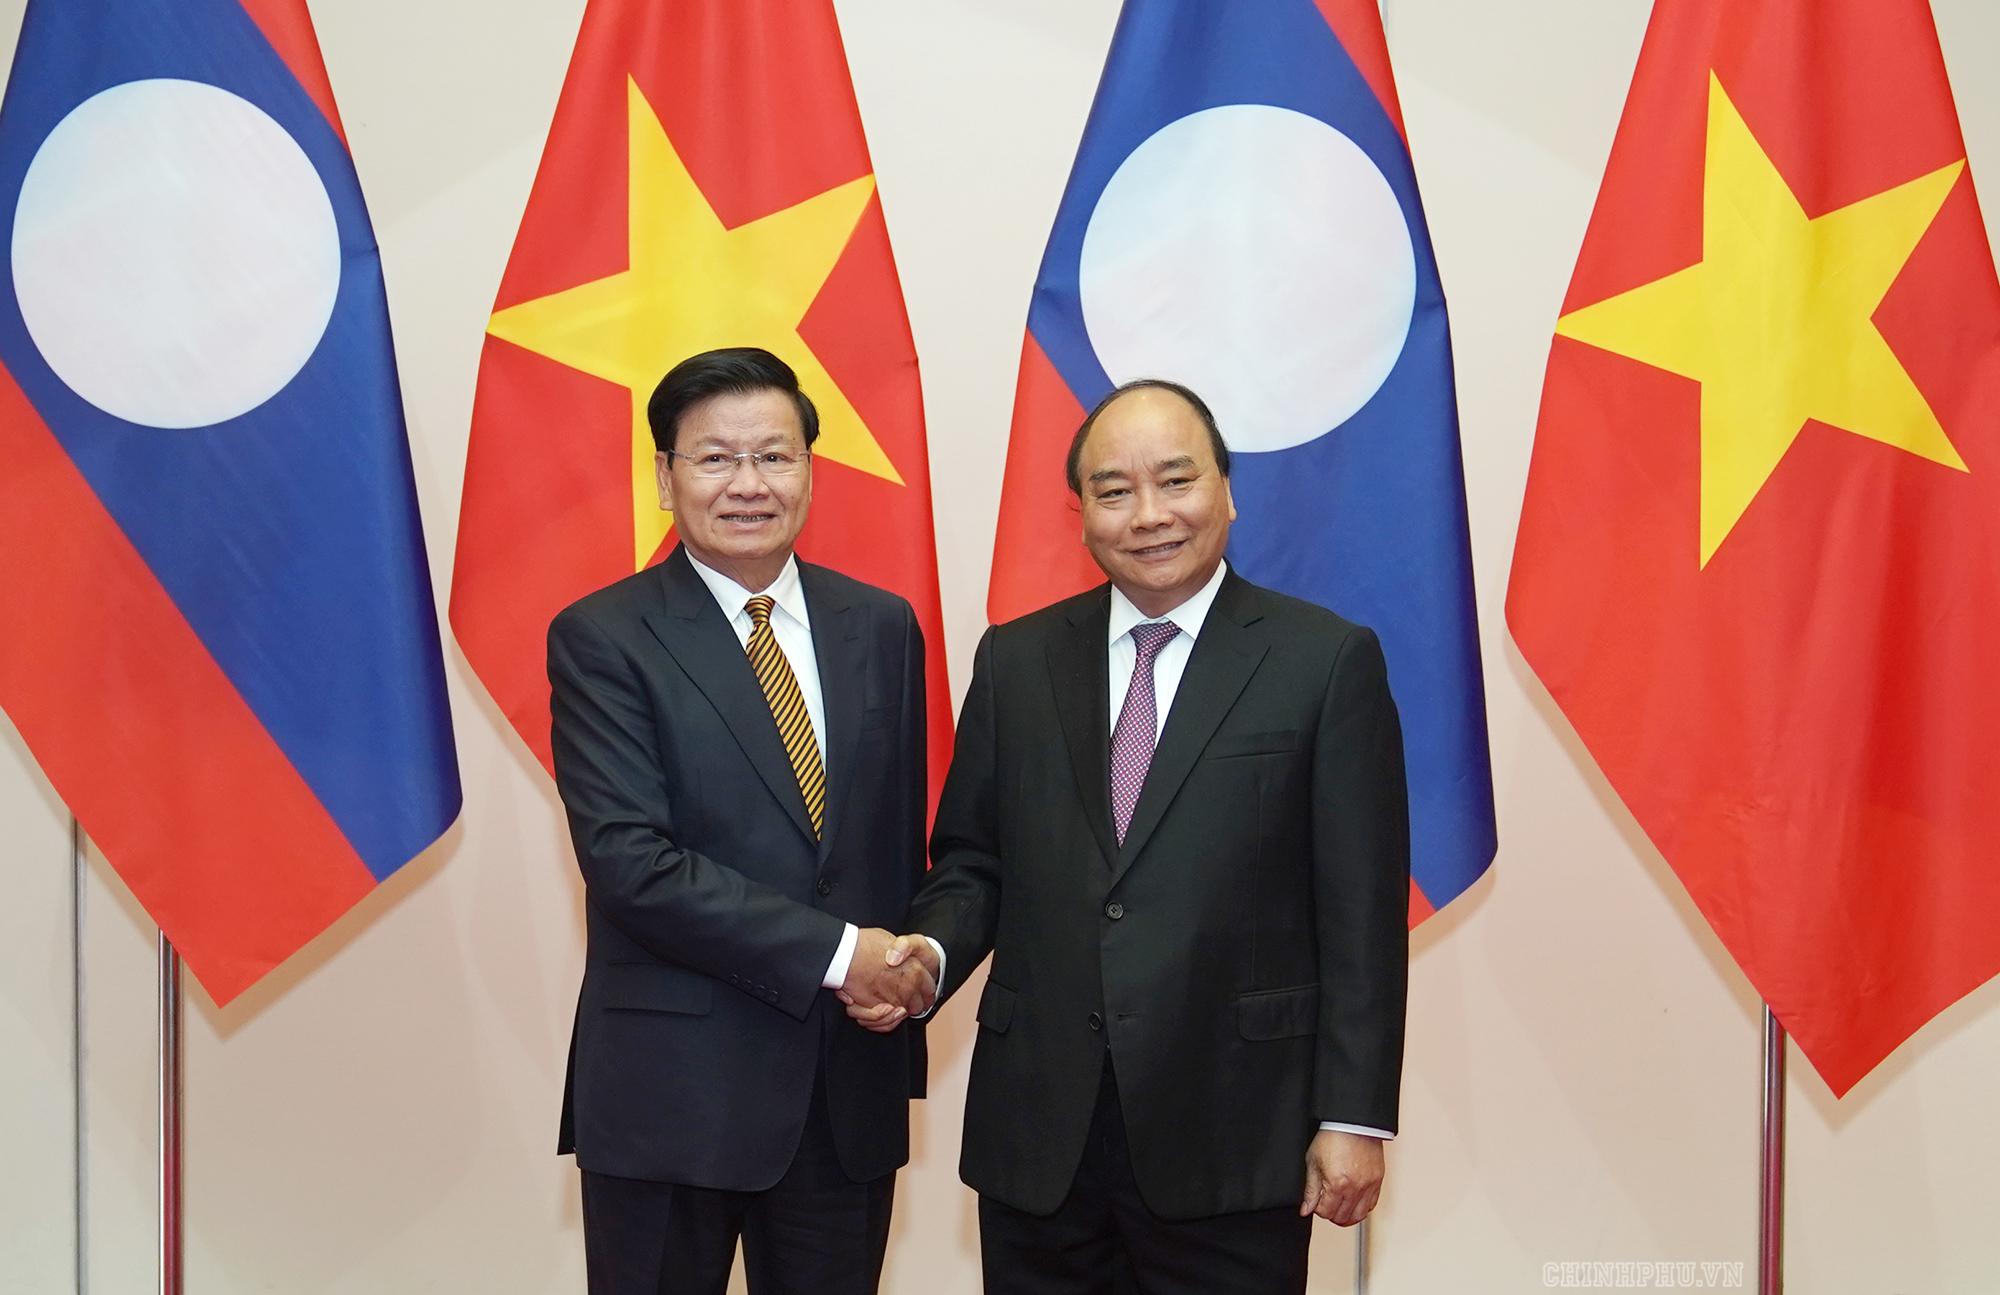 Thủ tướng Lào sẽ thăm chính thức Việt Nam